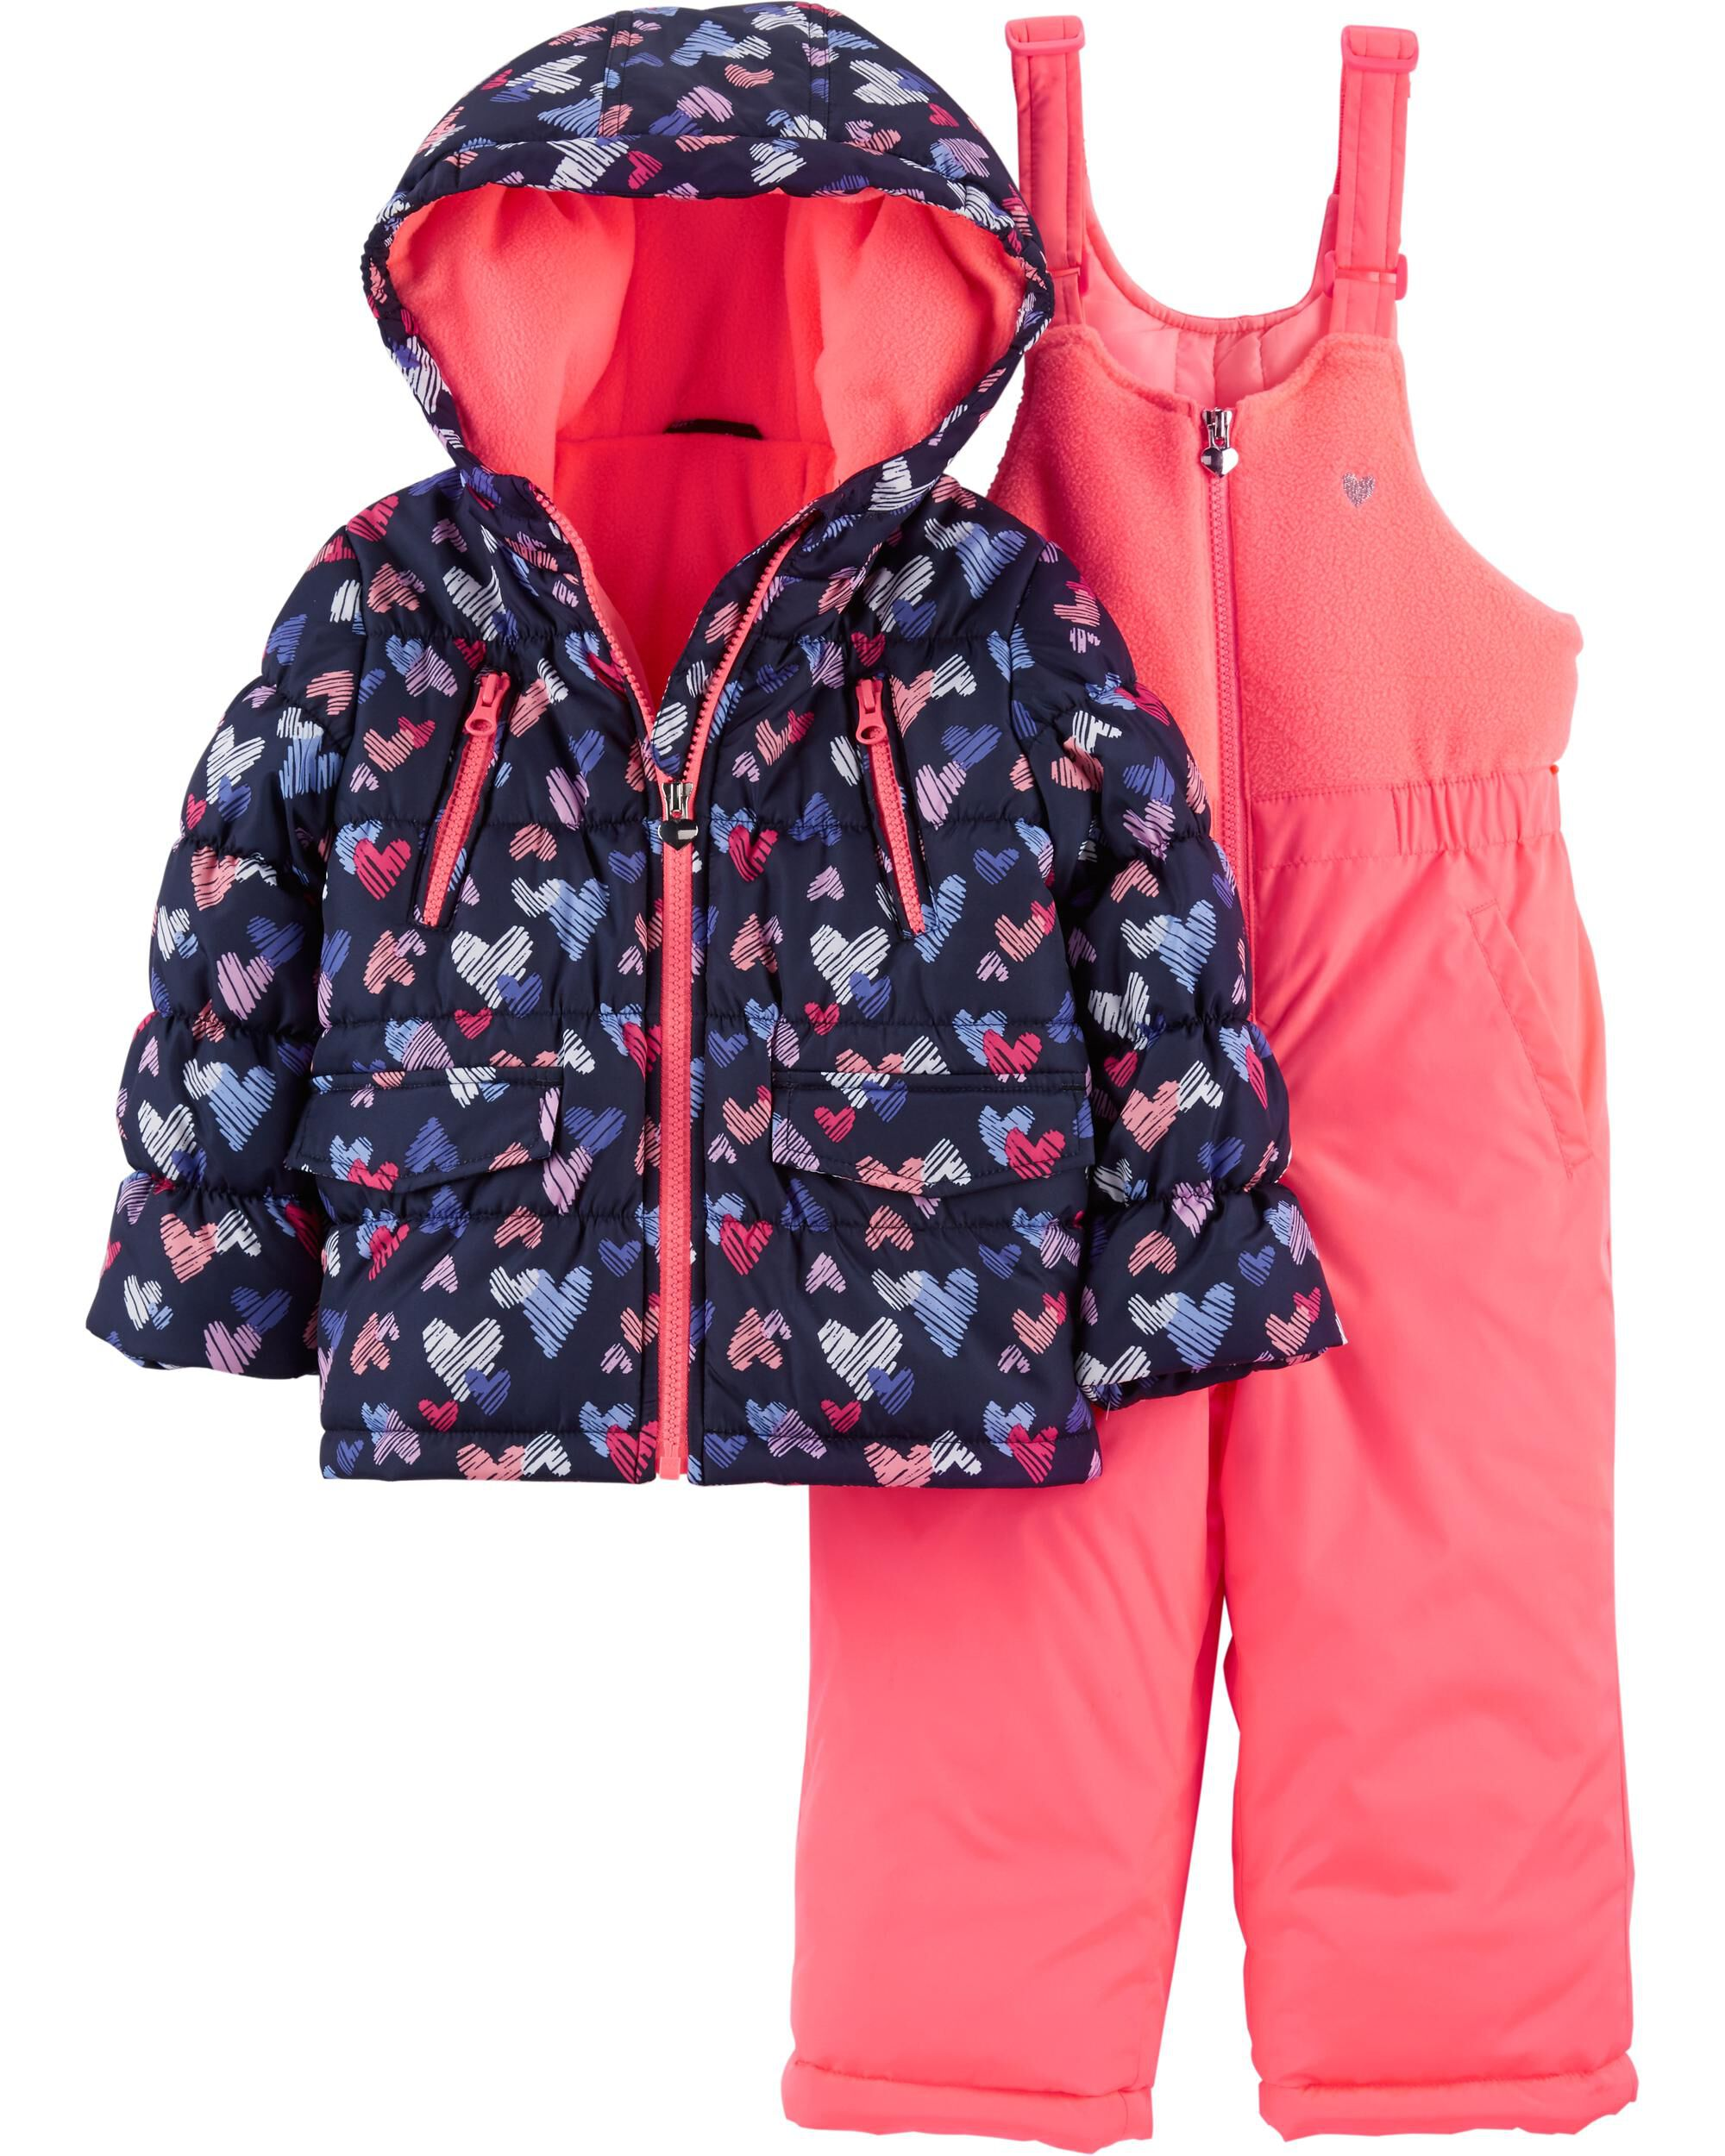 a29210ff0 2-Piece Heart Snowsuit Set